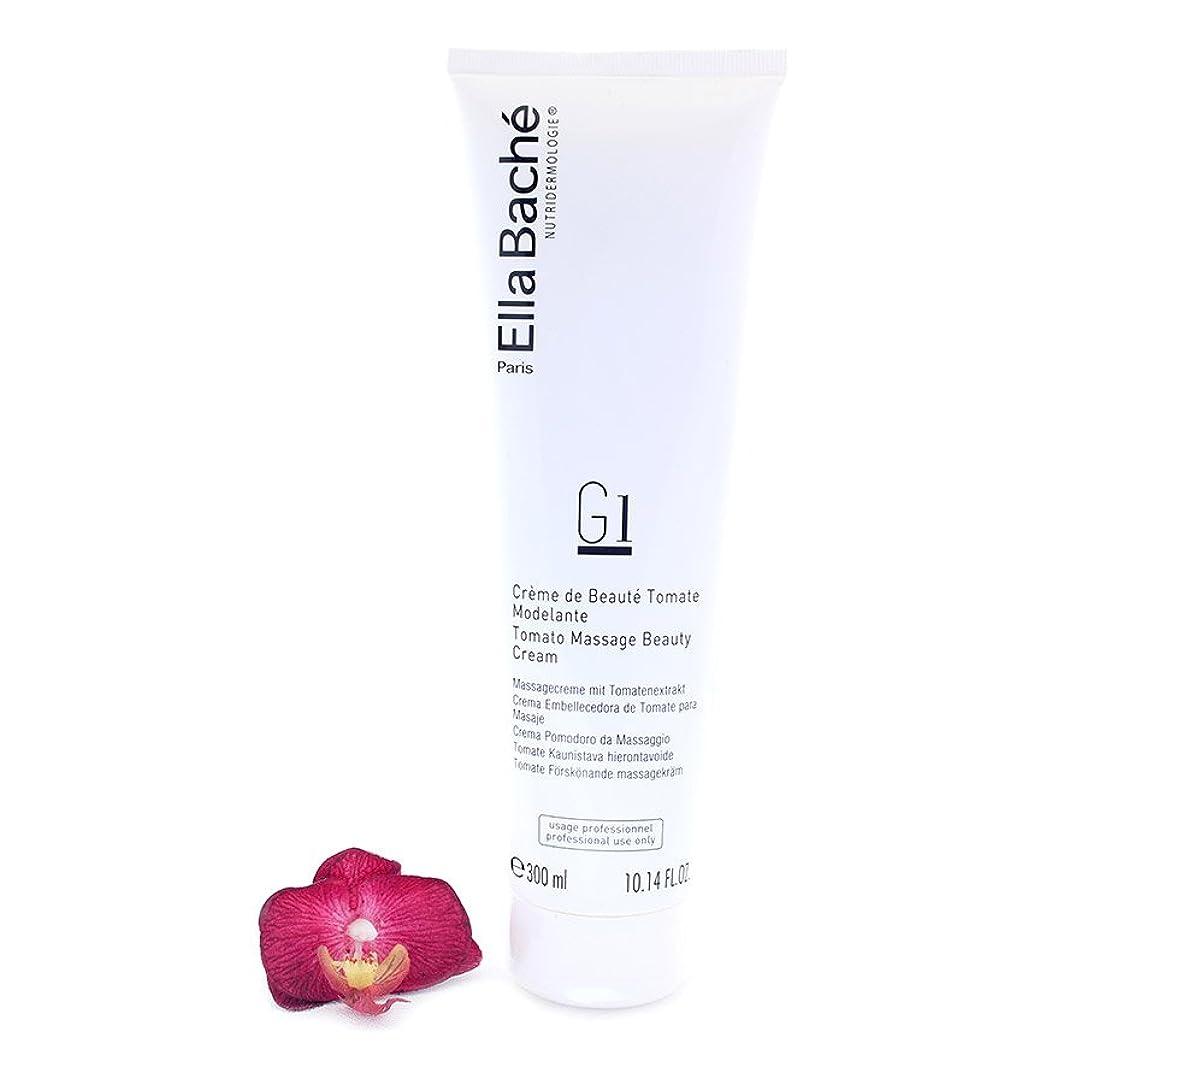 マチュピチュ寄託ジムエラバシェ Nutridermologie Tomato Massage Beauty Cream For Face & Body - Professional Size 300ml/10.14oz並行輸入品